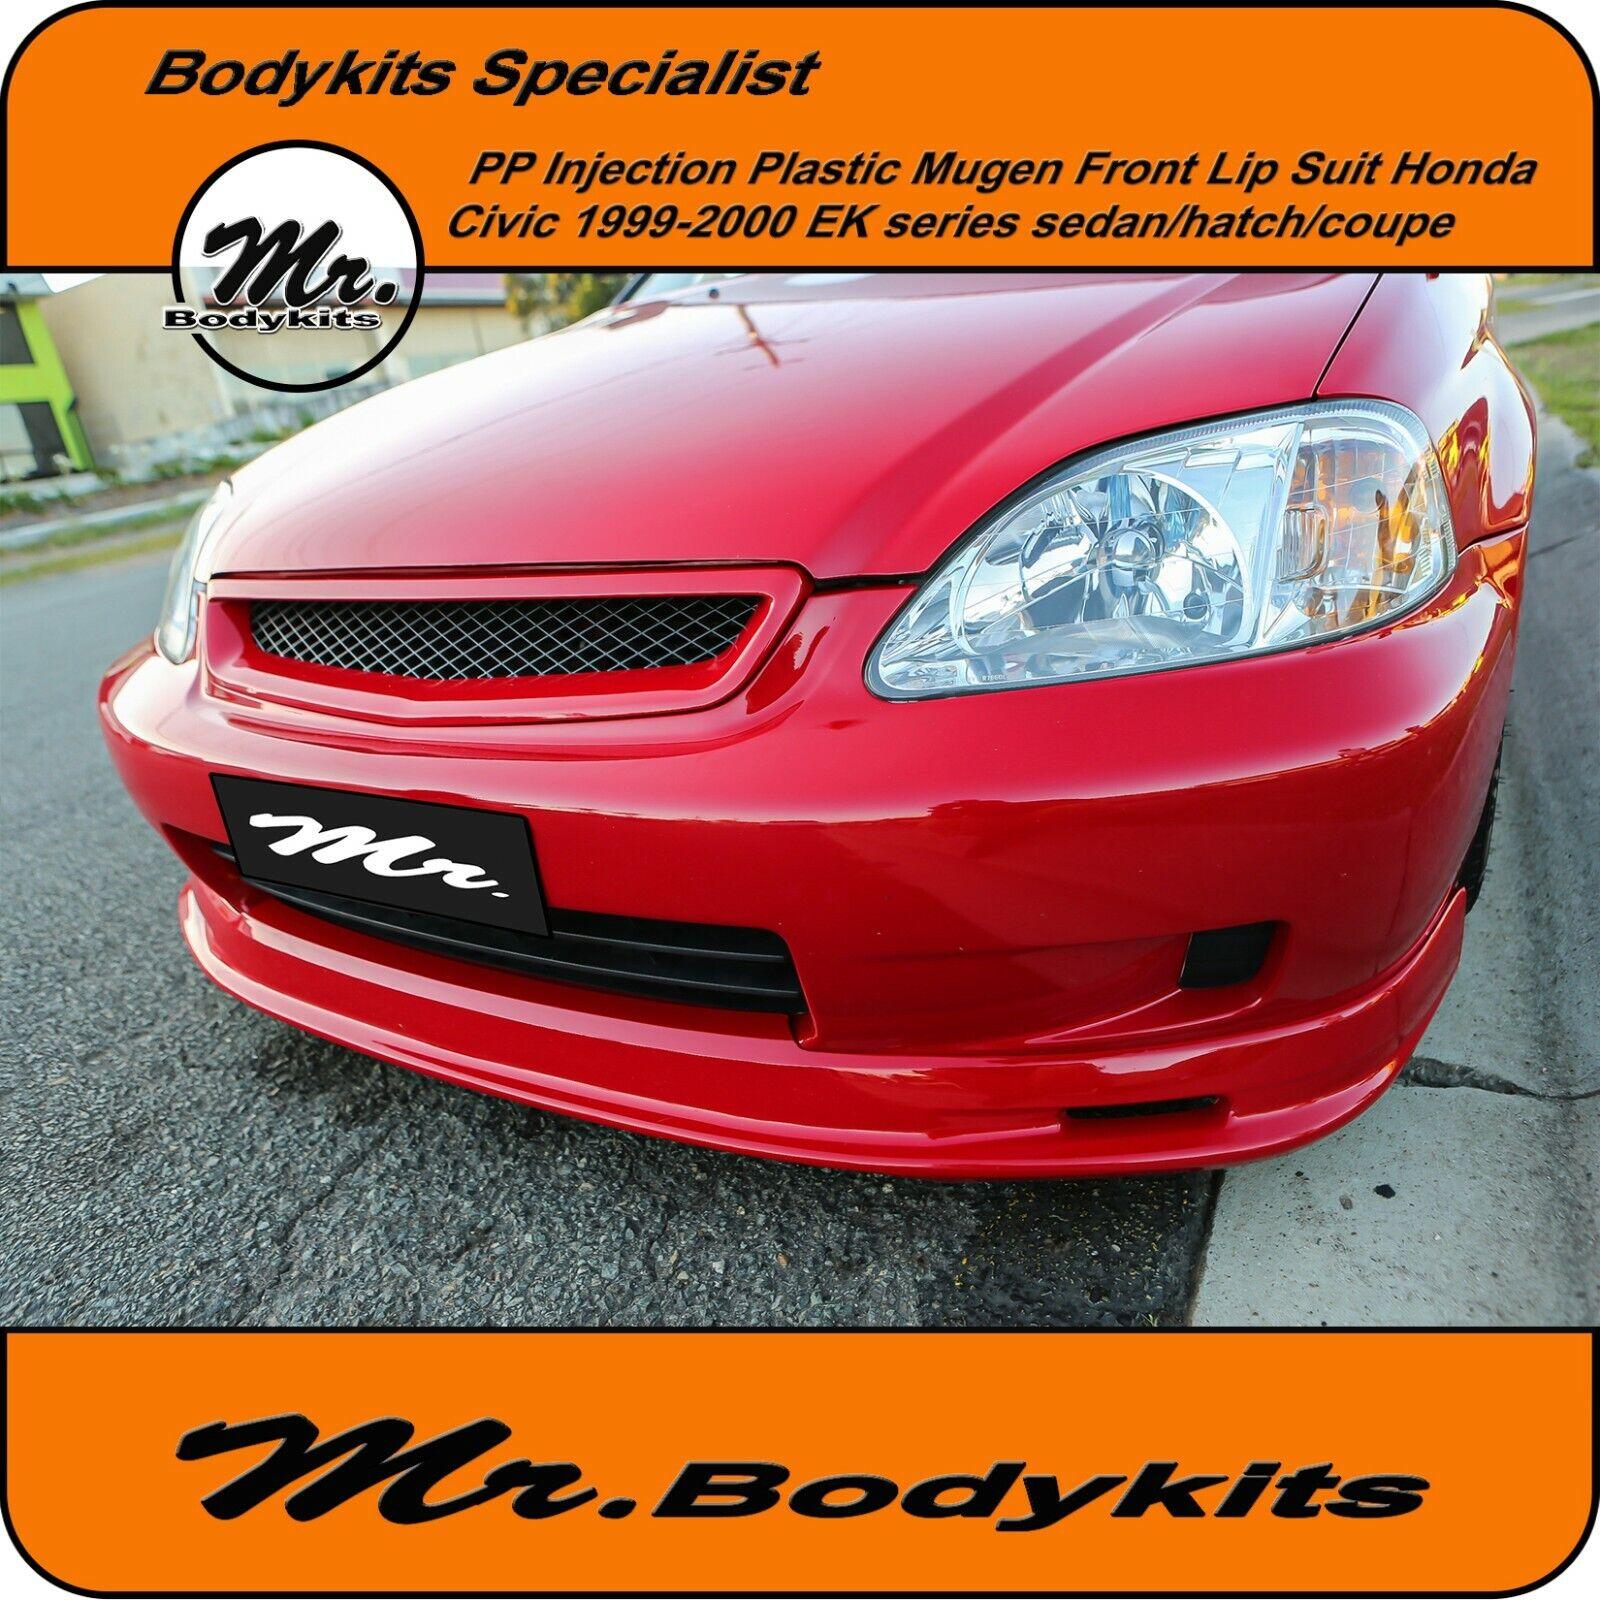 Honda Civic Ek Ek9 96 98 Bodykit Body Kit Front Grill White For Sale Online Ebay